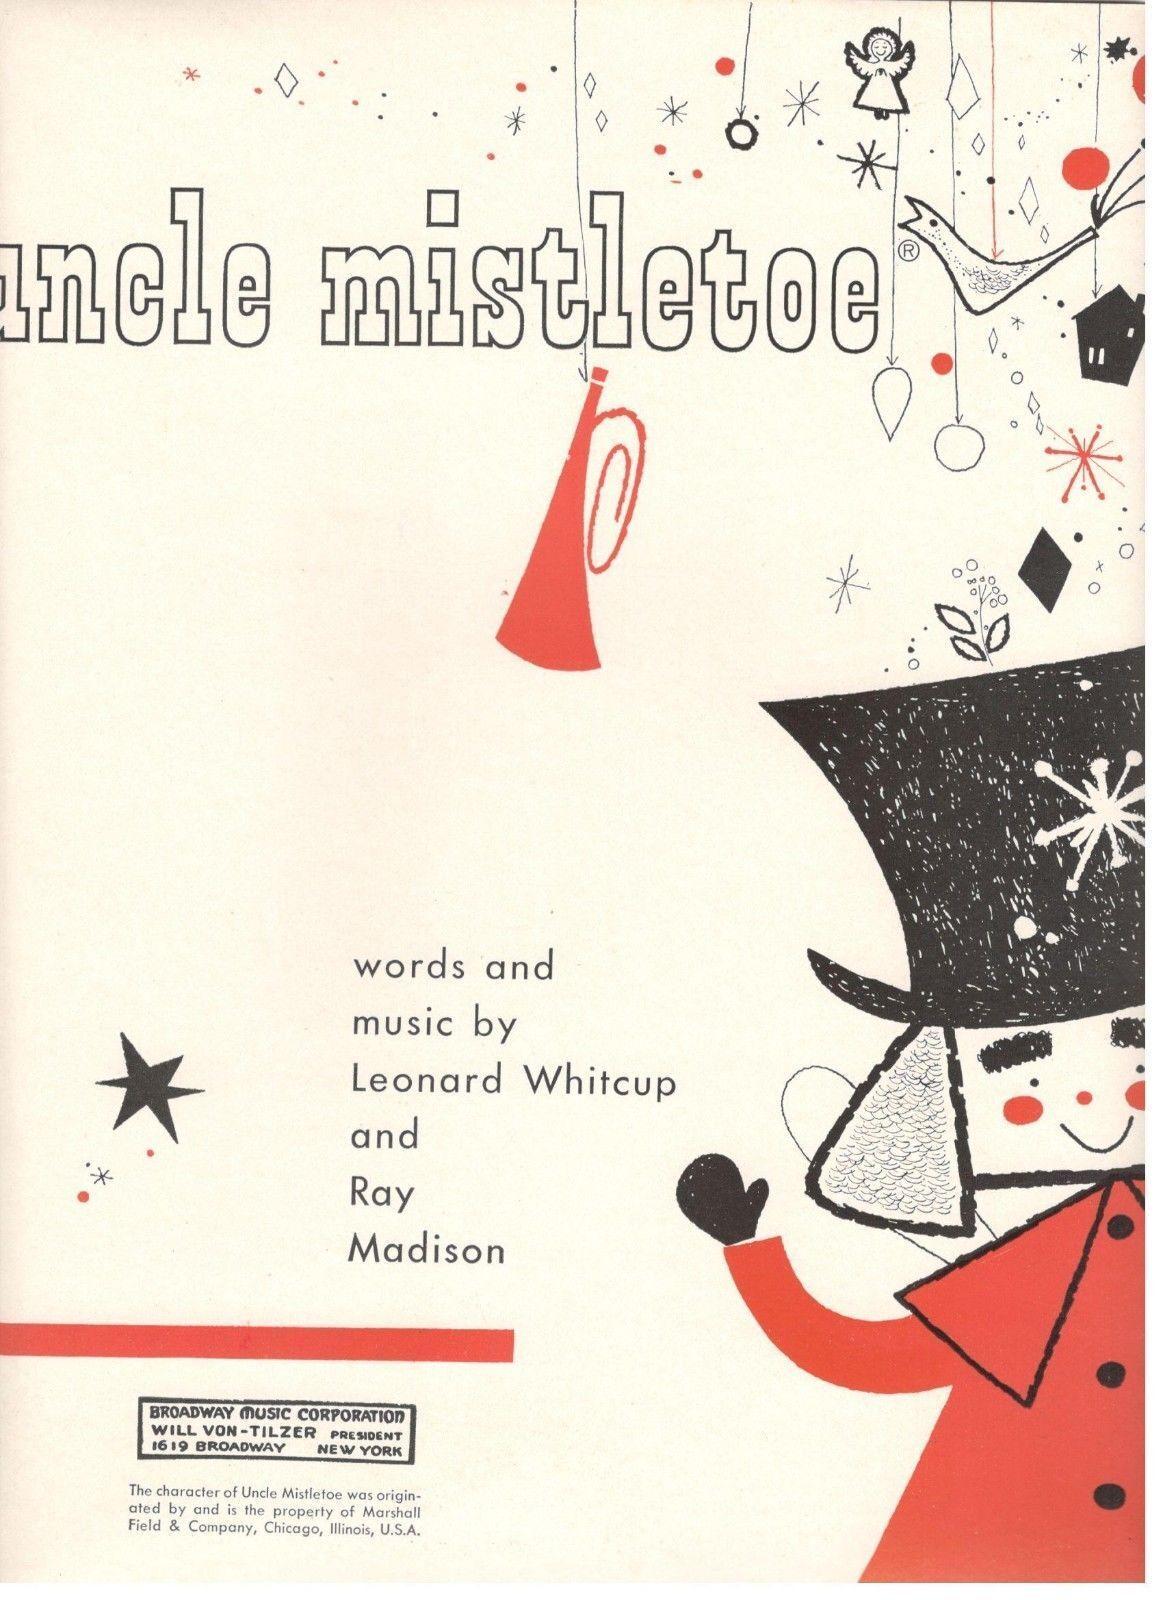 LEONARD WHITCUP MADISON  UNCLE MISTLETOE  SHEET MUSIC-EXTREMELY RARE-1957-NEW